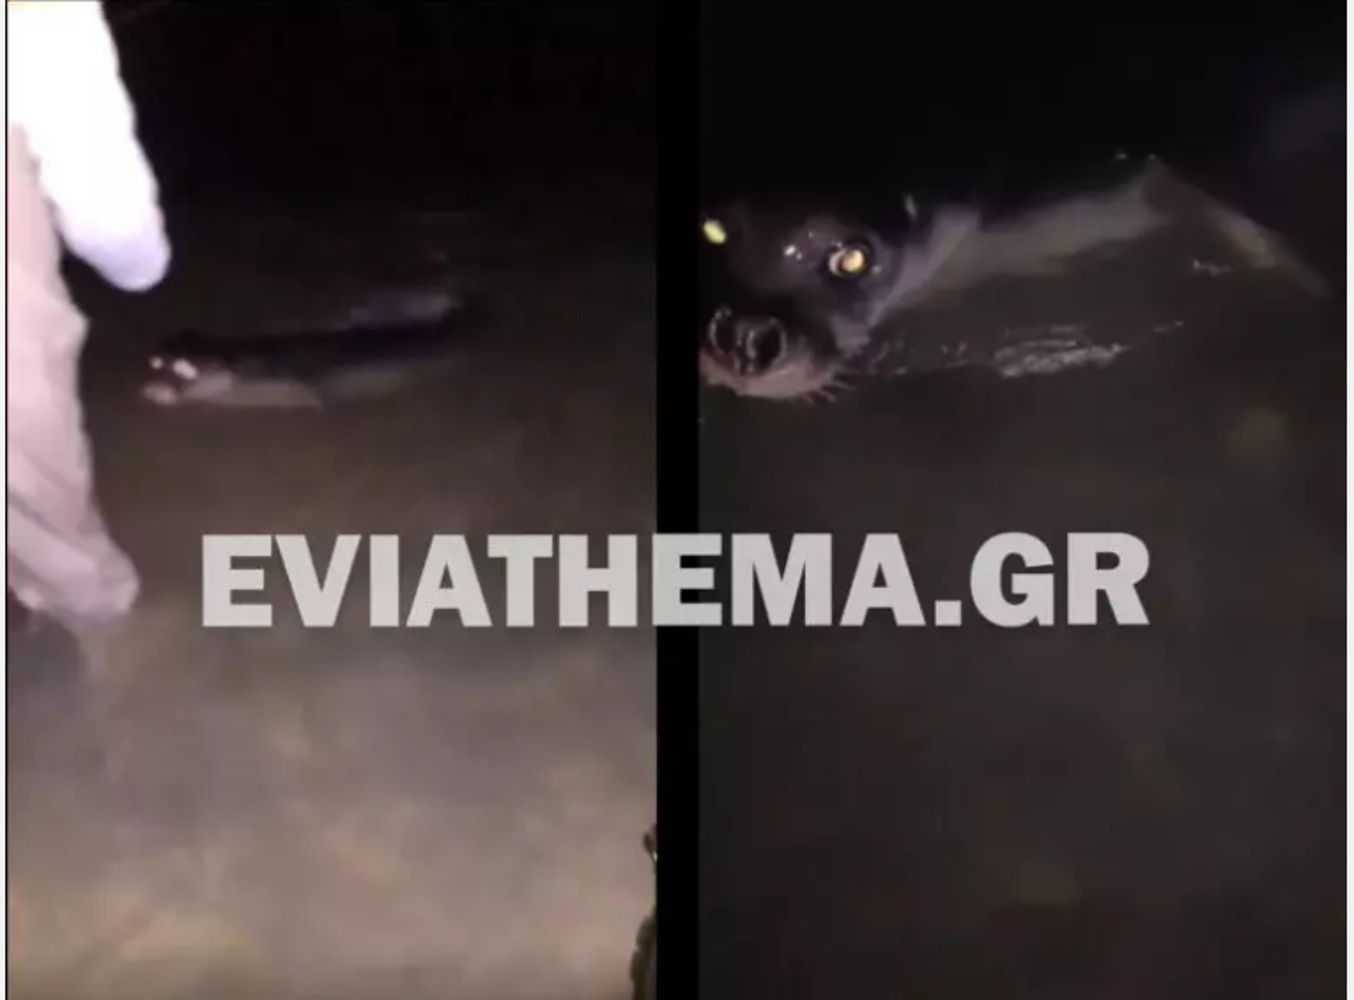 Εύβοια: Μικρή φώκια απολάμβανε τα νερά της Νέας Αρτάκης και των Πολιτικών